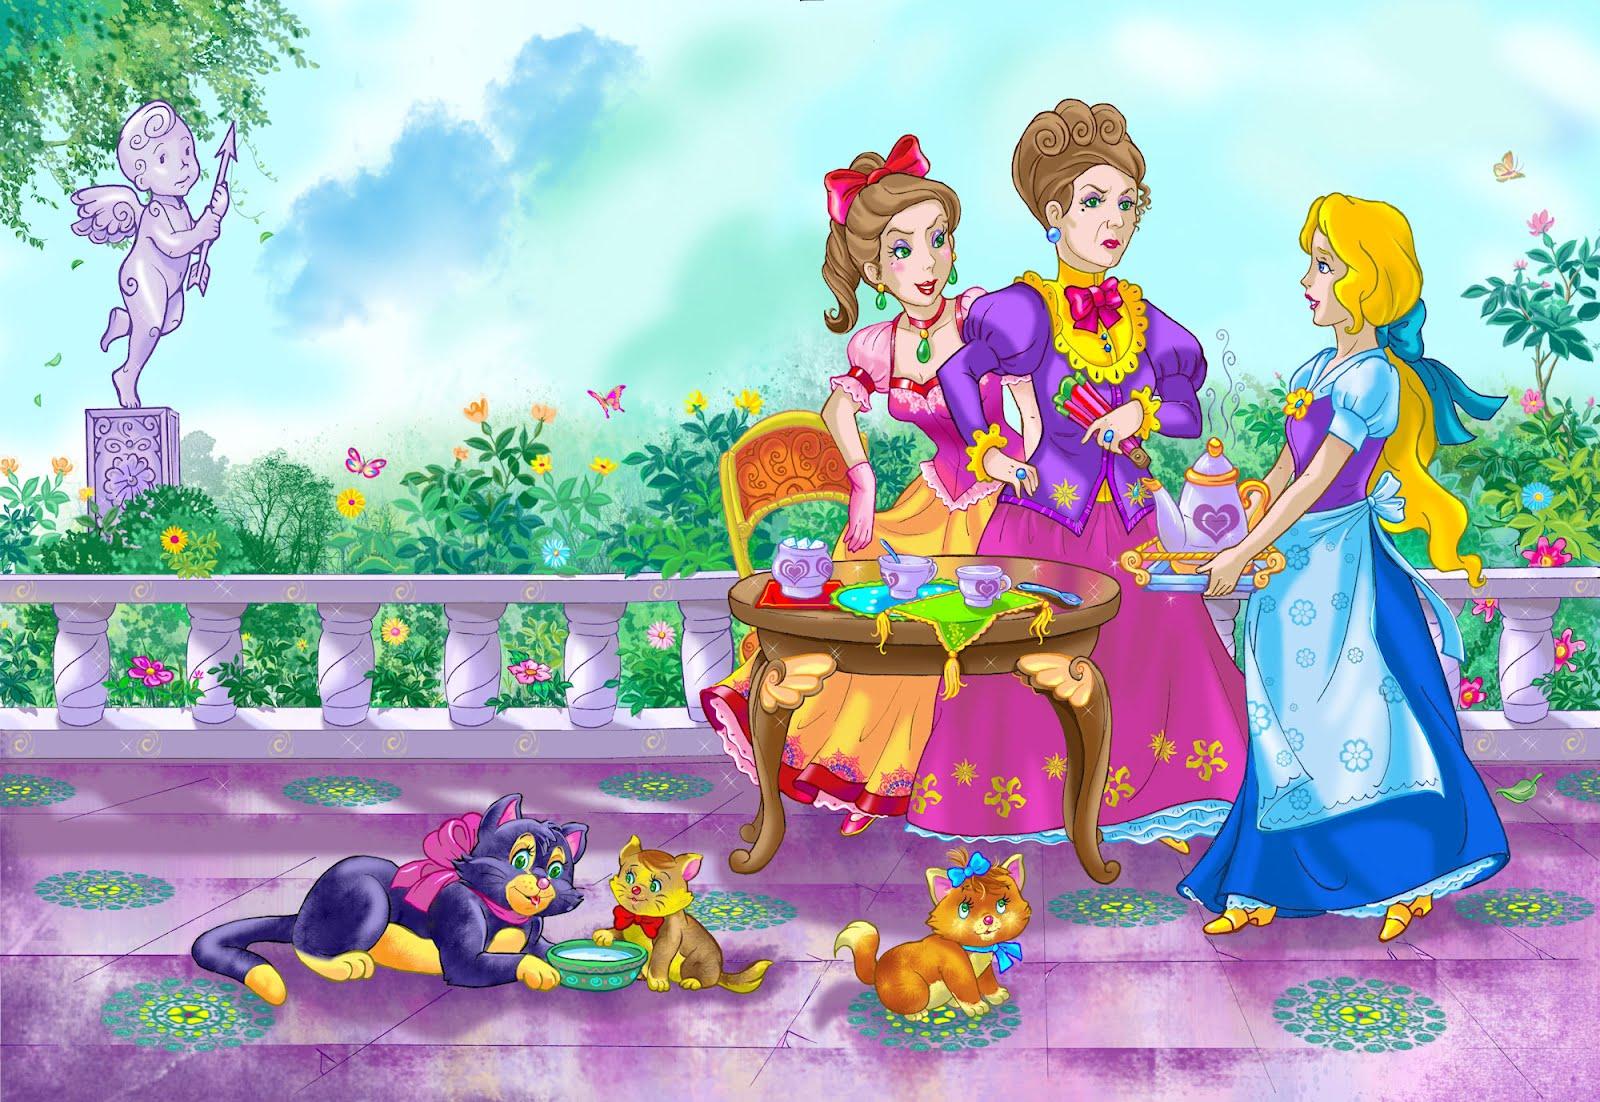 Idool Fondos infantiles con dibujos animados de la cenicienta en ...